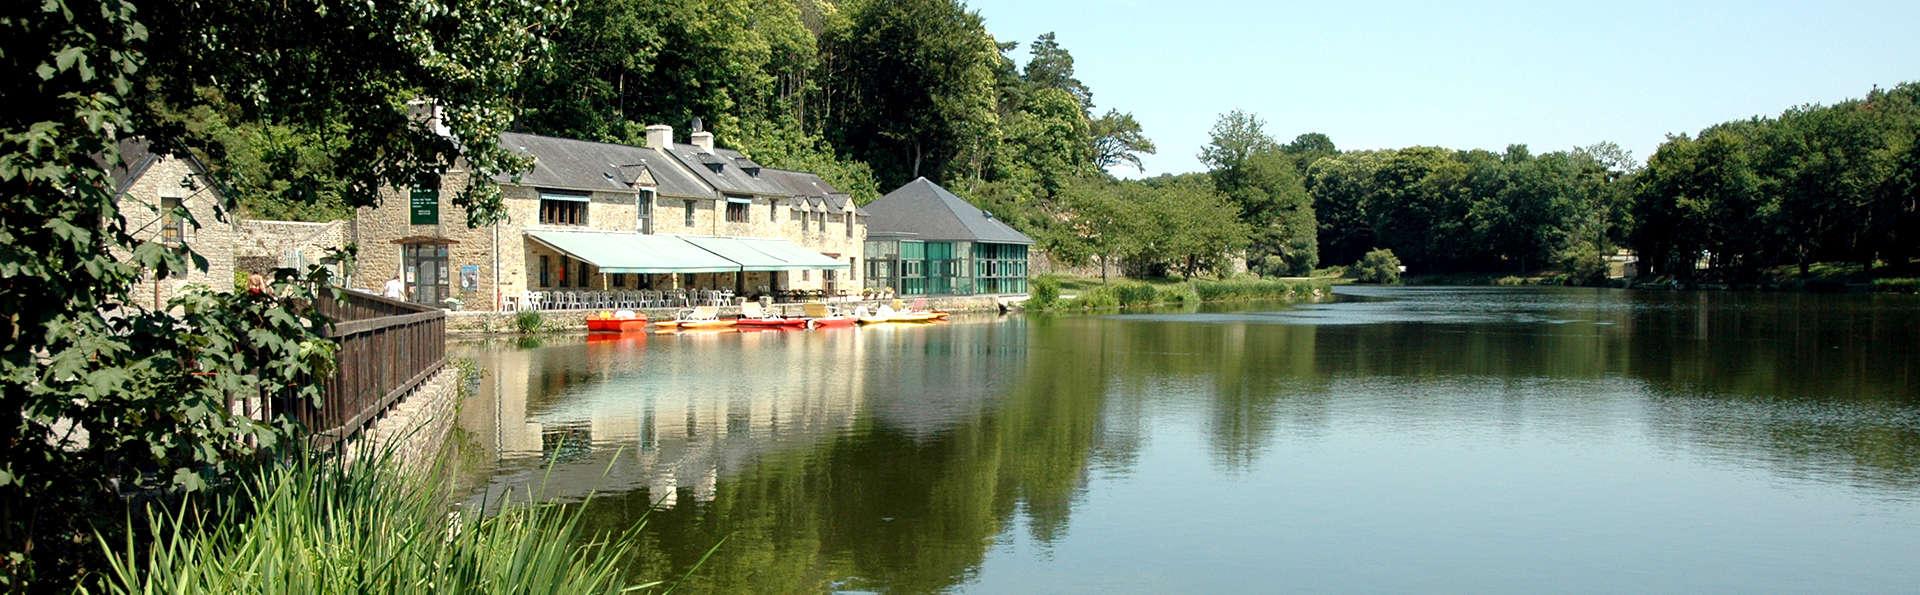 Séjour en famille dans un cottage face au lac du Moulin Neuf